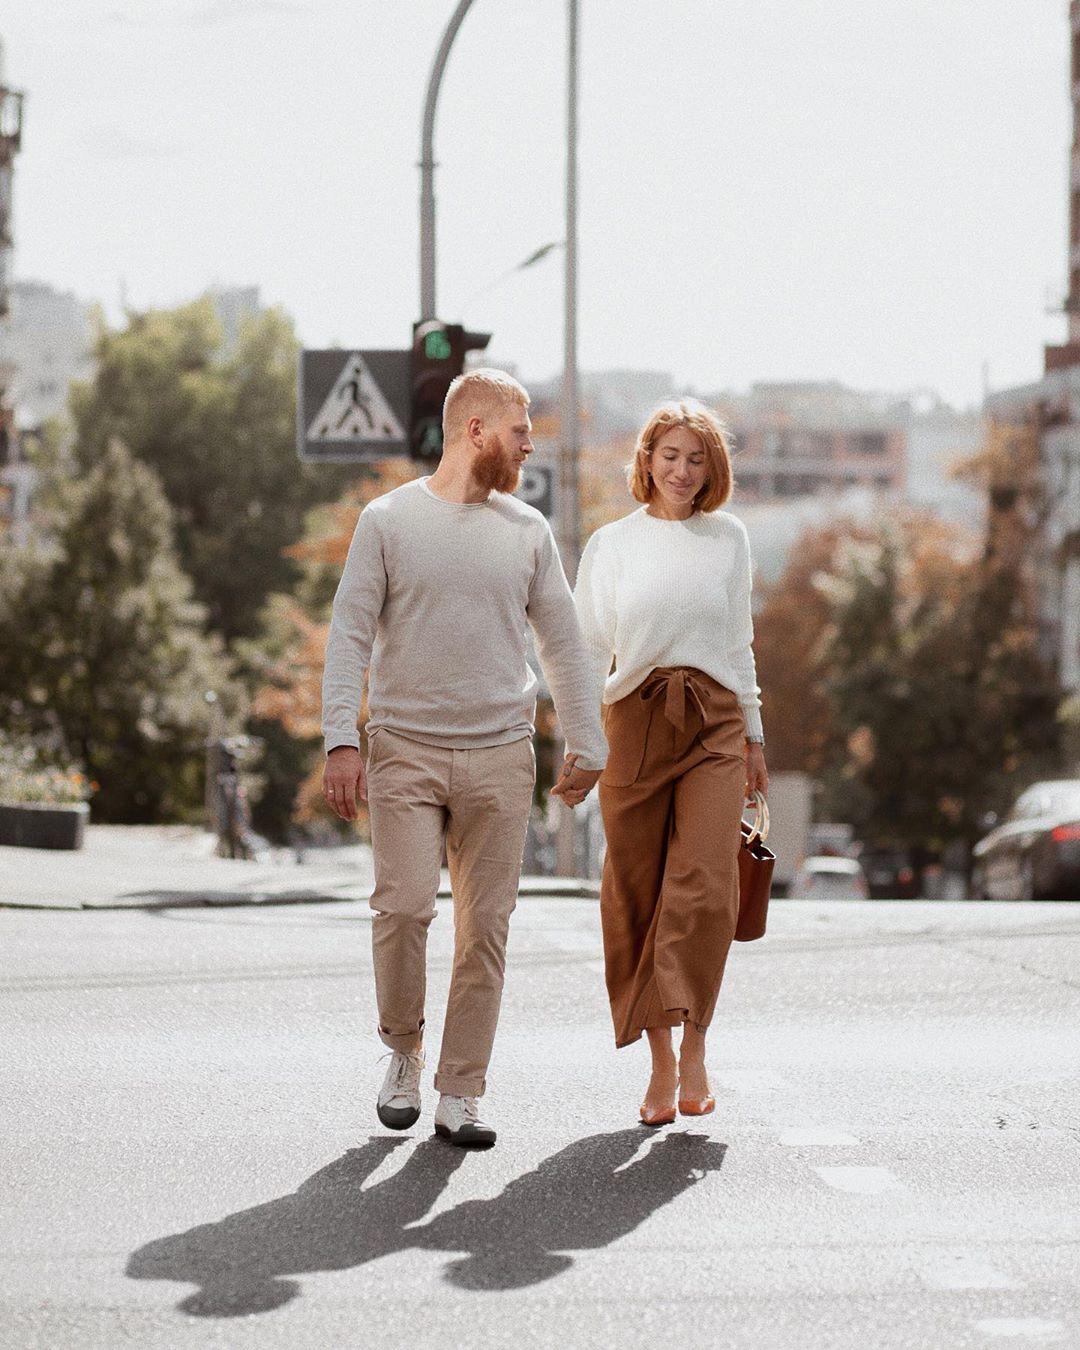 Как влюбленные пары подбирают себе стильные образы-Фото 3